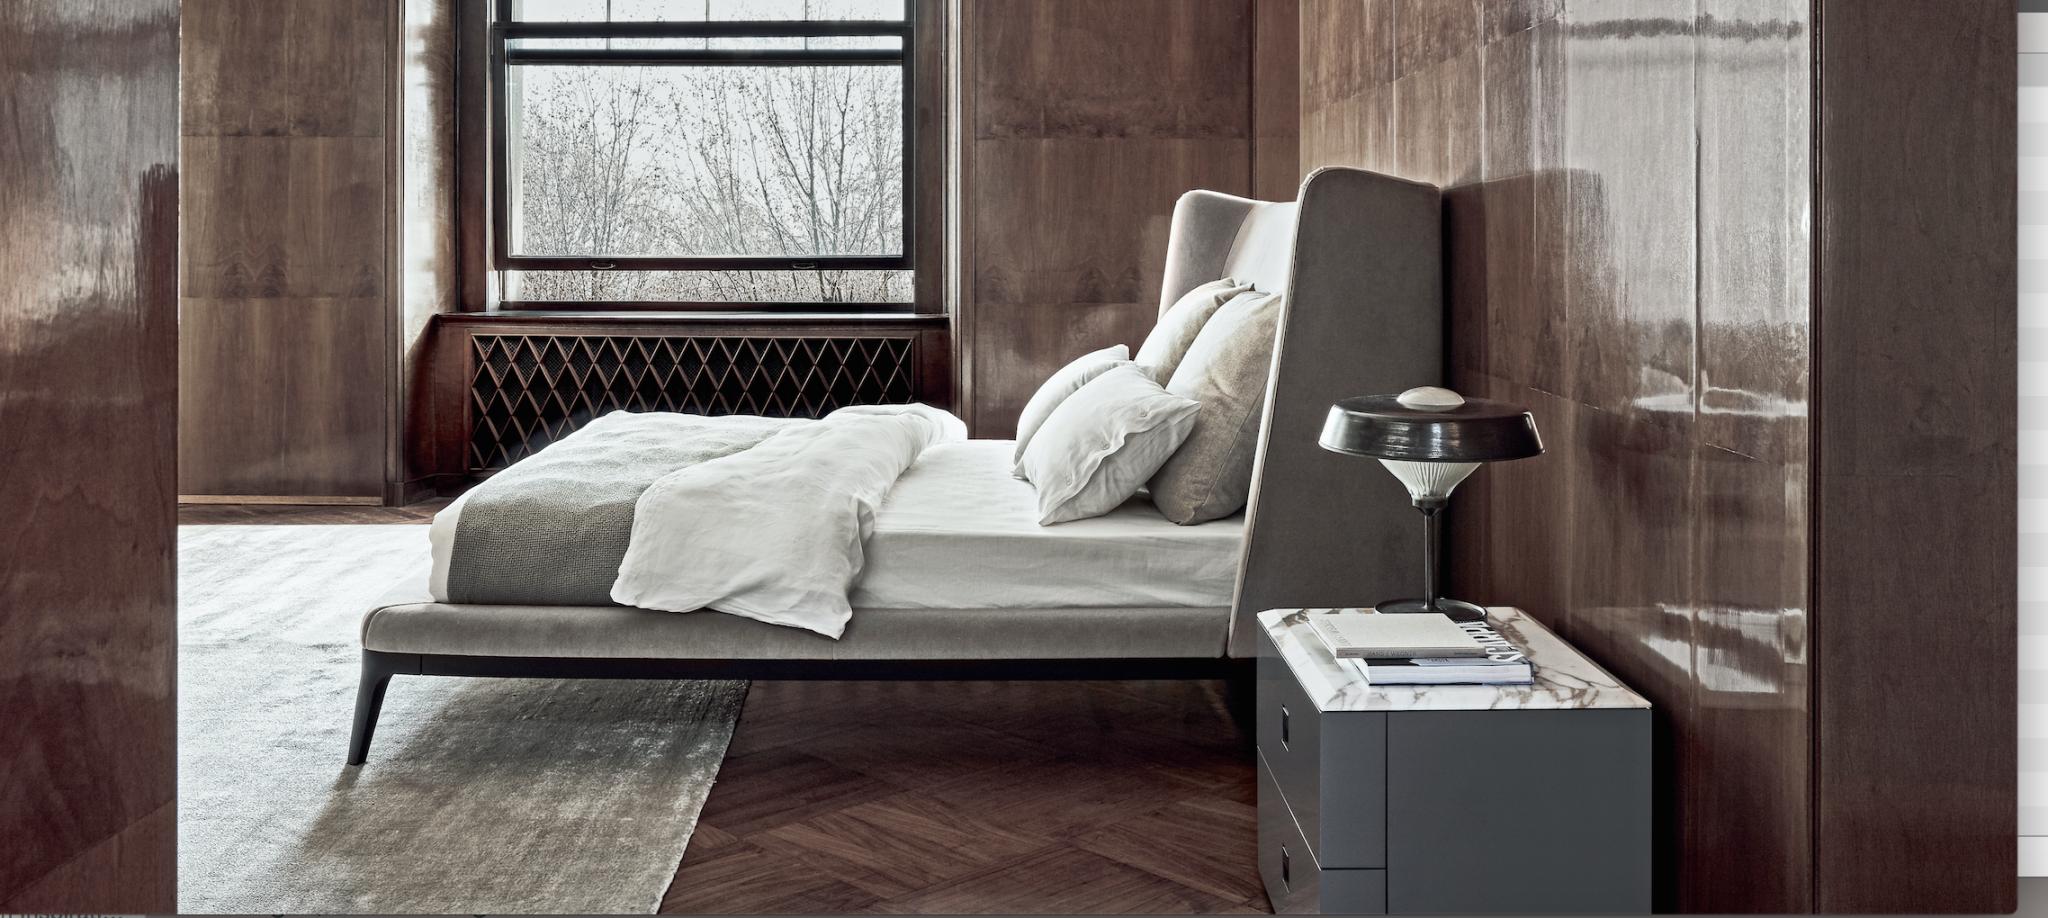 kuschelzone jetzt ist es besonders wichtig sich in ein sch nes bett fallen lassen zu k nnen. Black Bedroom Furniture Sets. Home Design Ideas